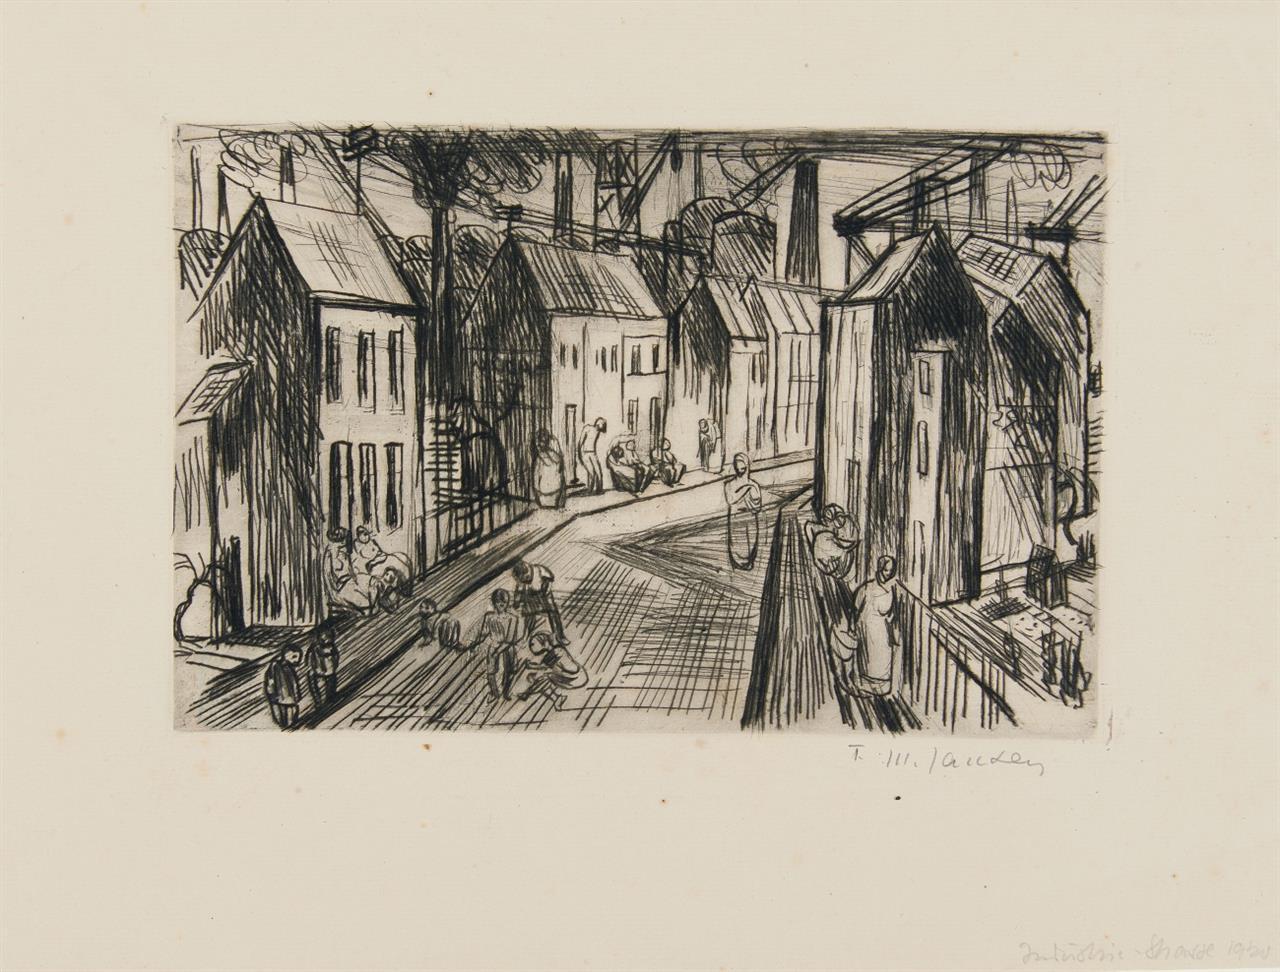 Franz Maria Jansen. Daheim. 1920. Radierung. Signiert. Merholz 196.